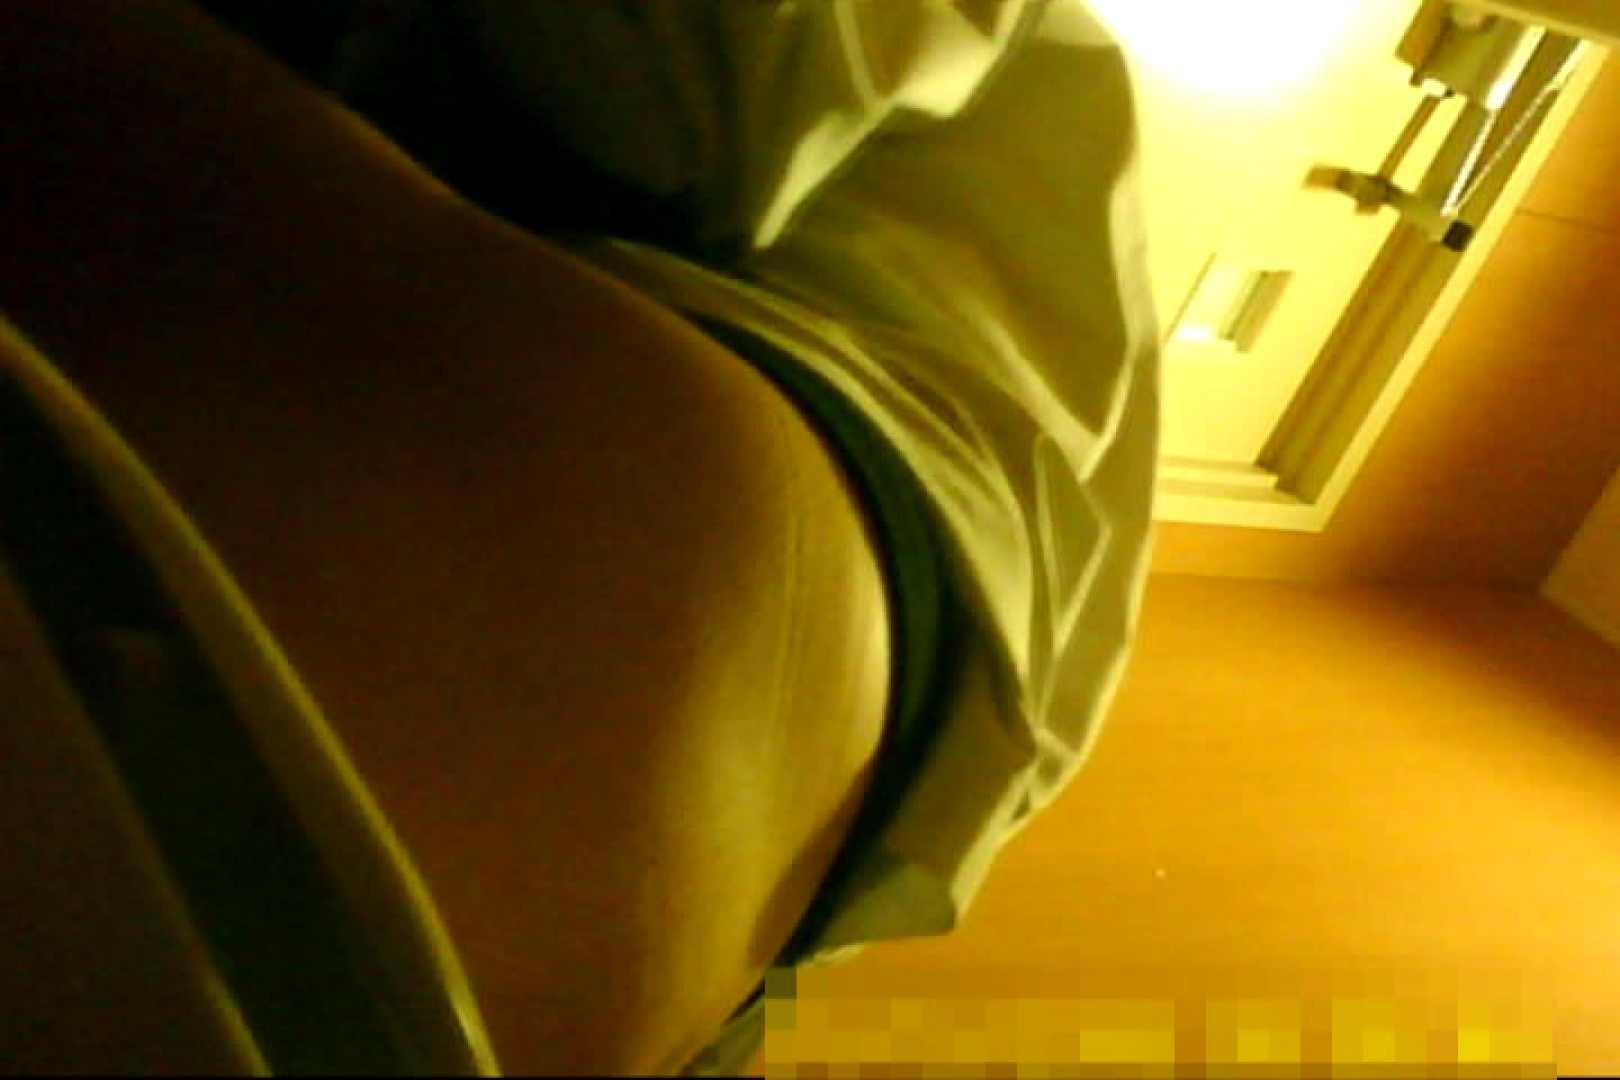 魅惑の化粧室~禁断のプライベート空間~20 チラ見え画像 ワレメ無修正動画無料 96連発 14